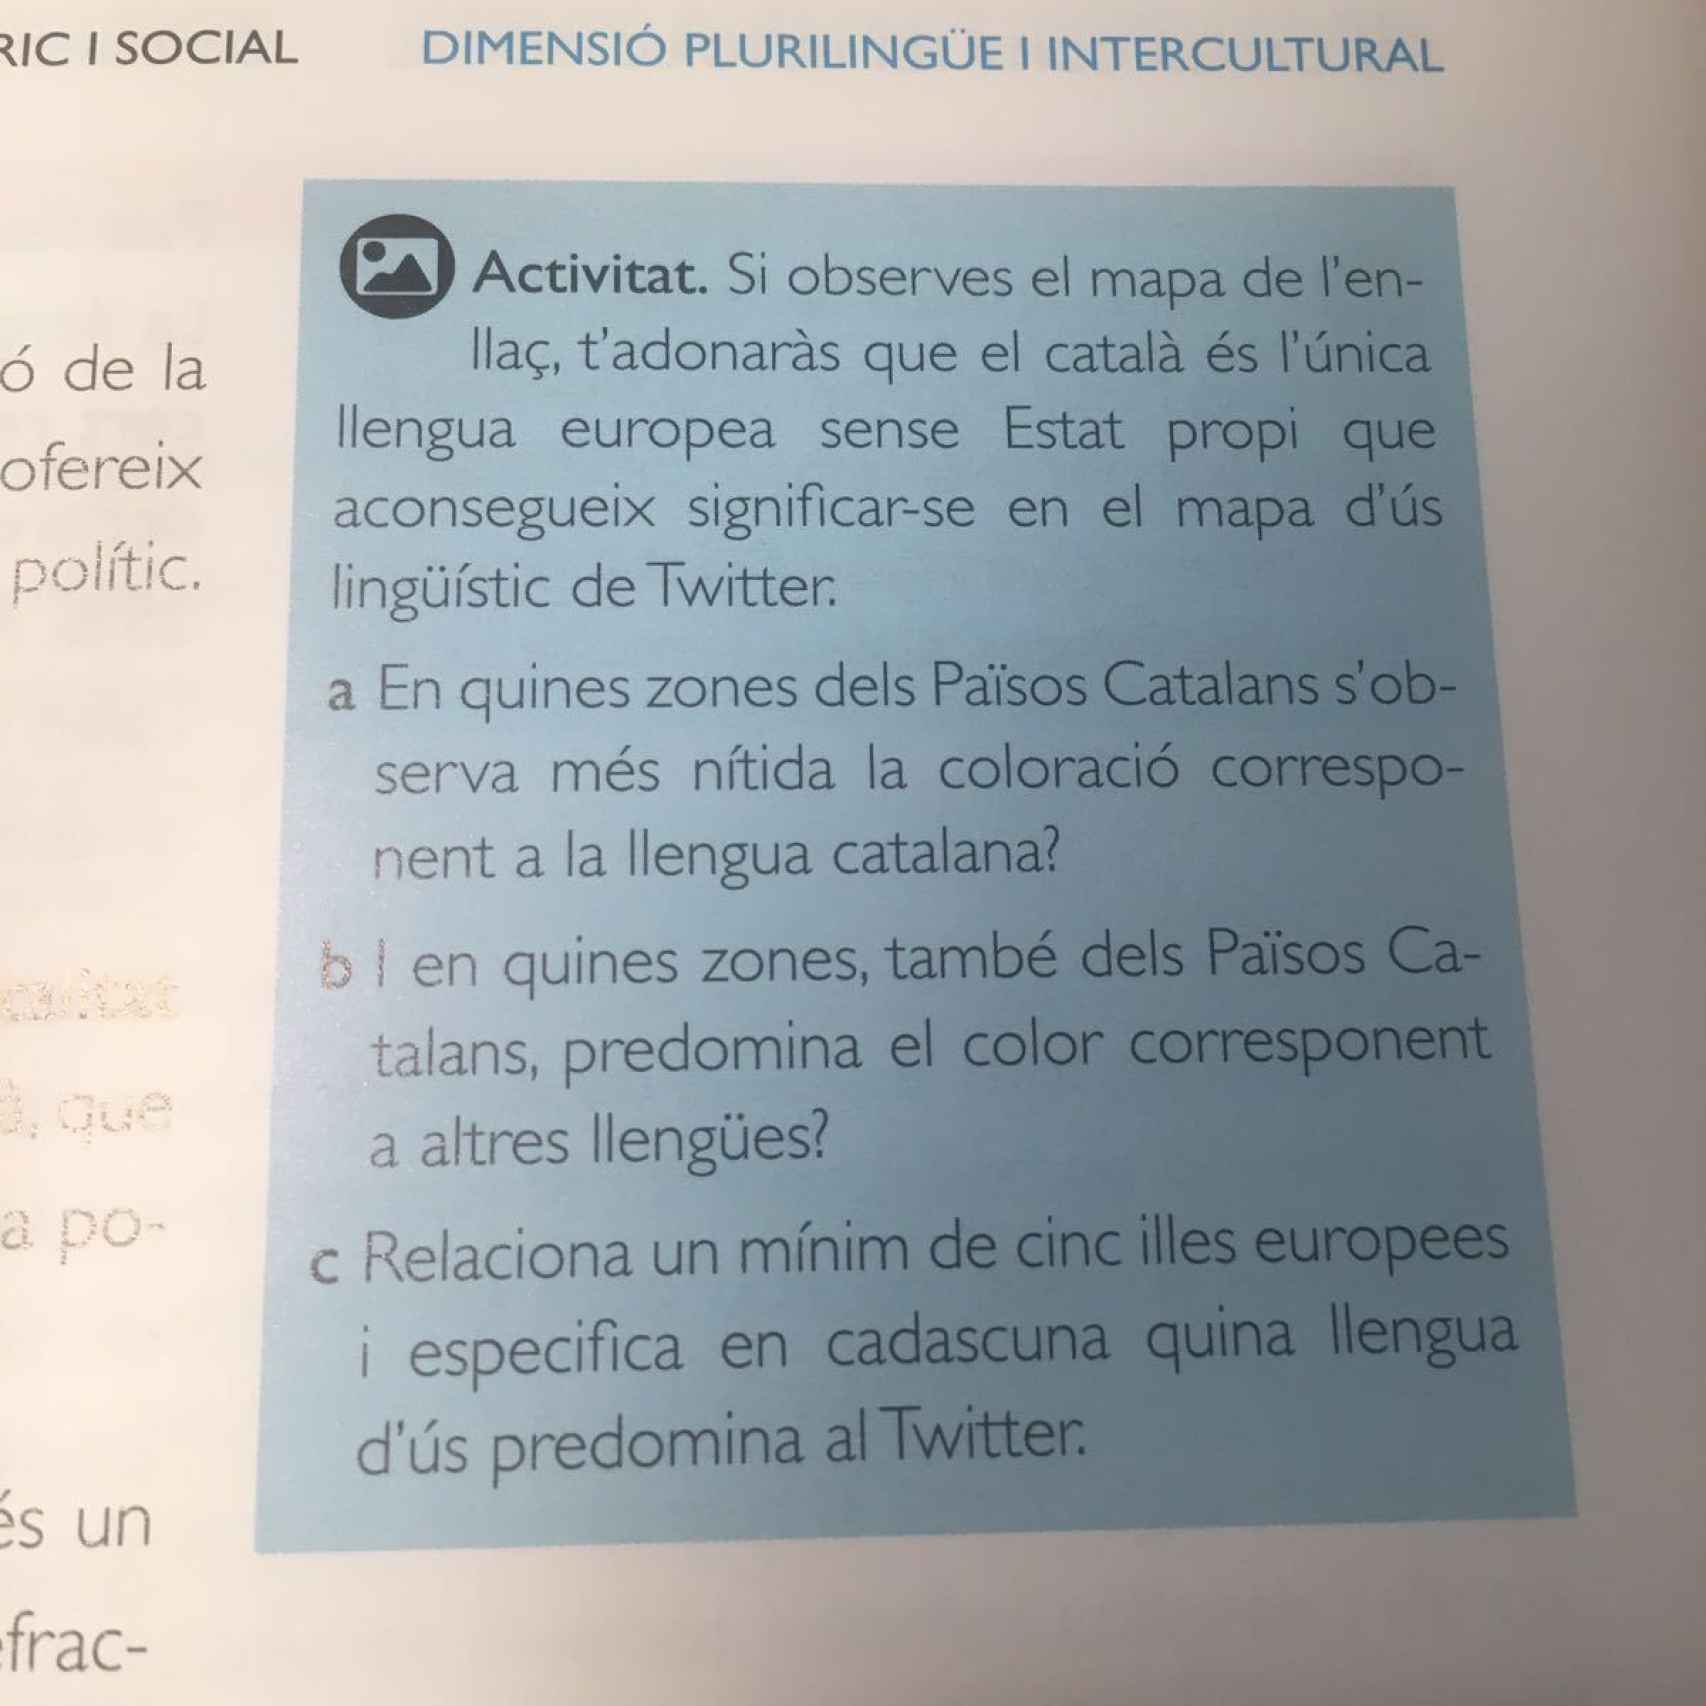 Una de las actividades que se proponen en el libro de texto.